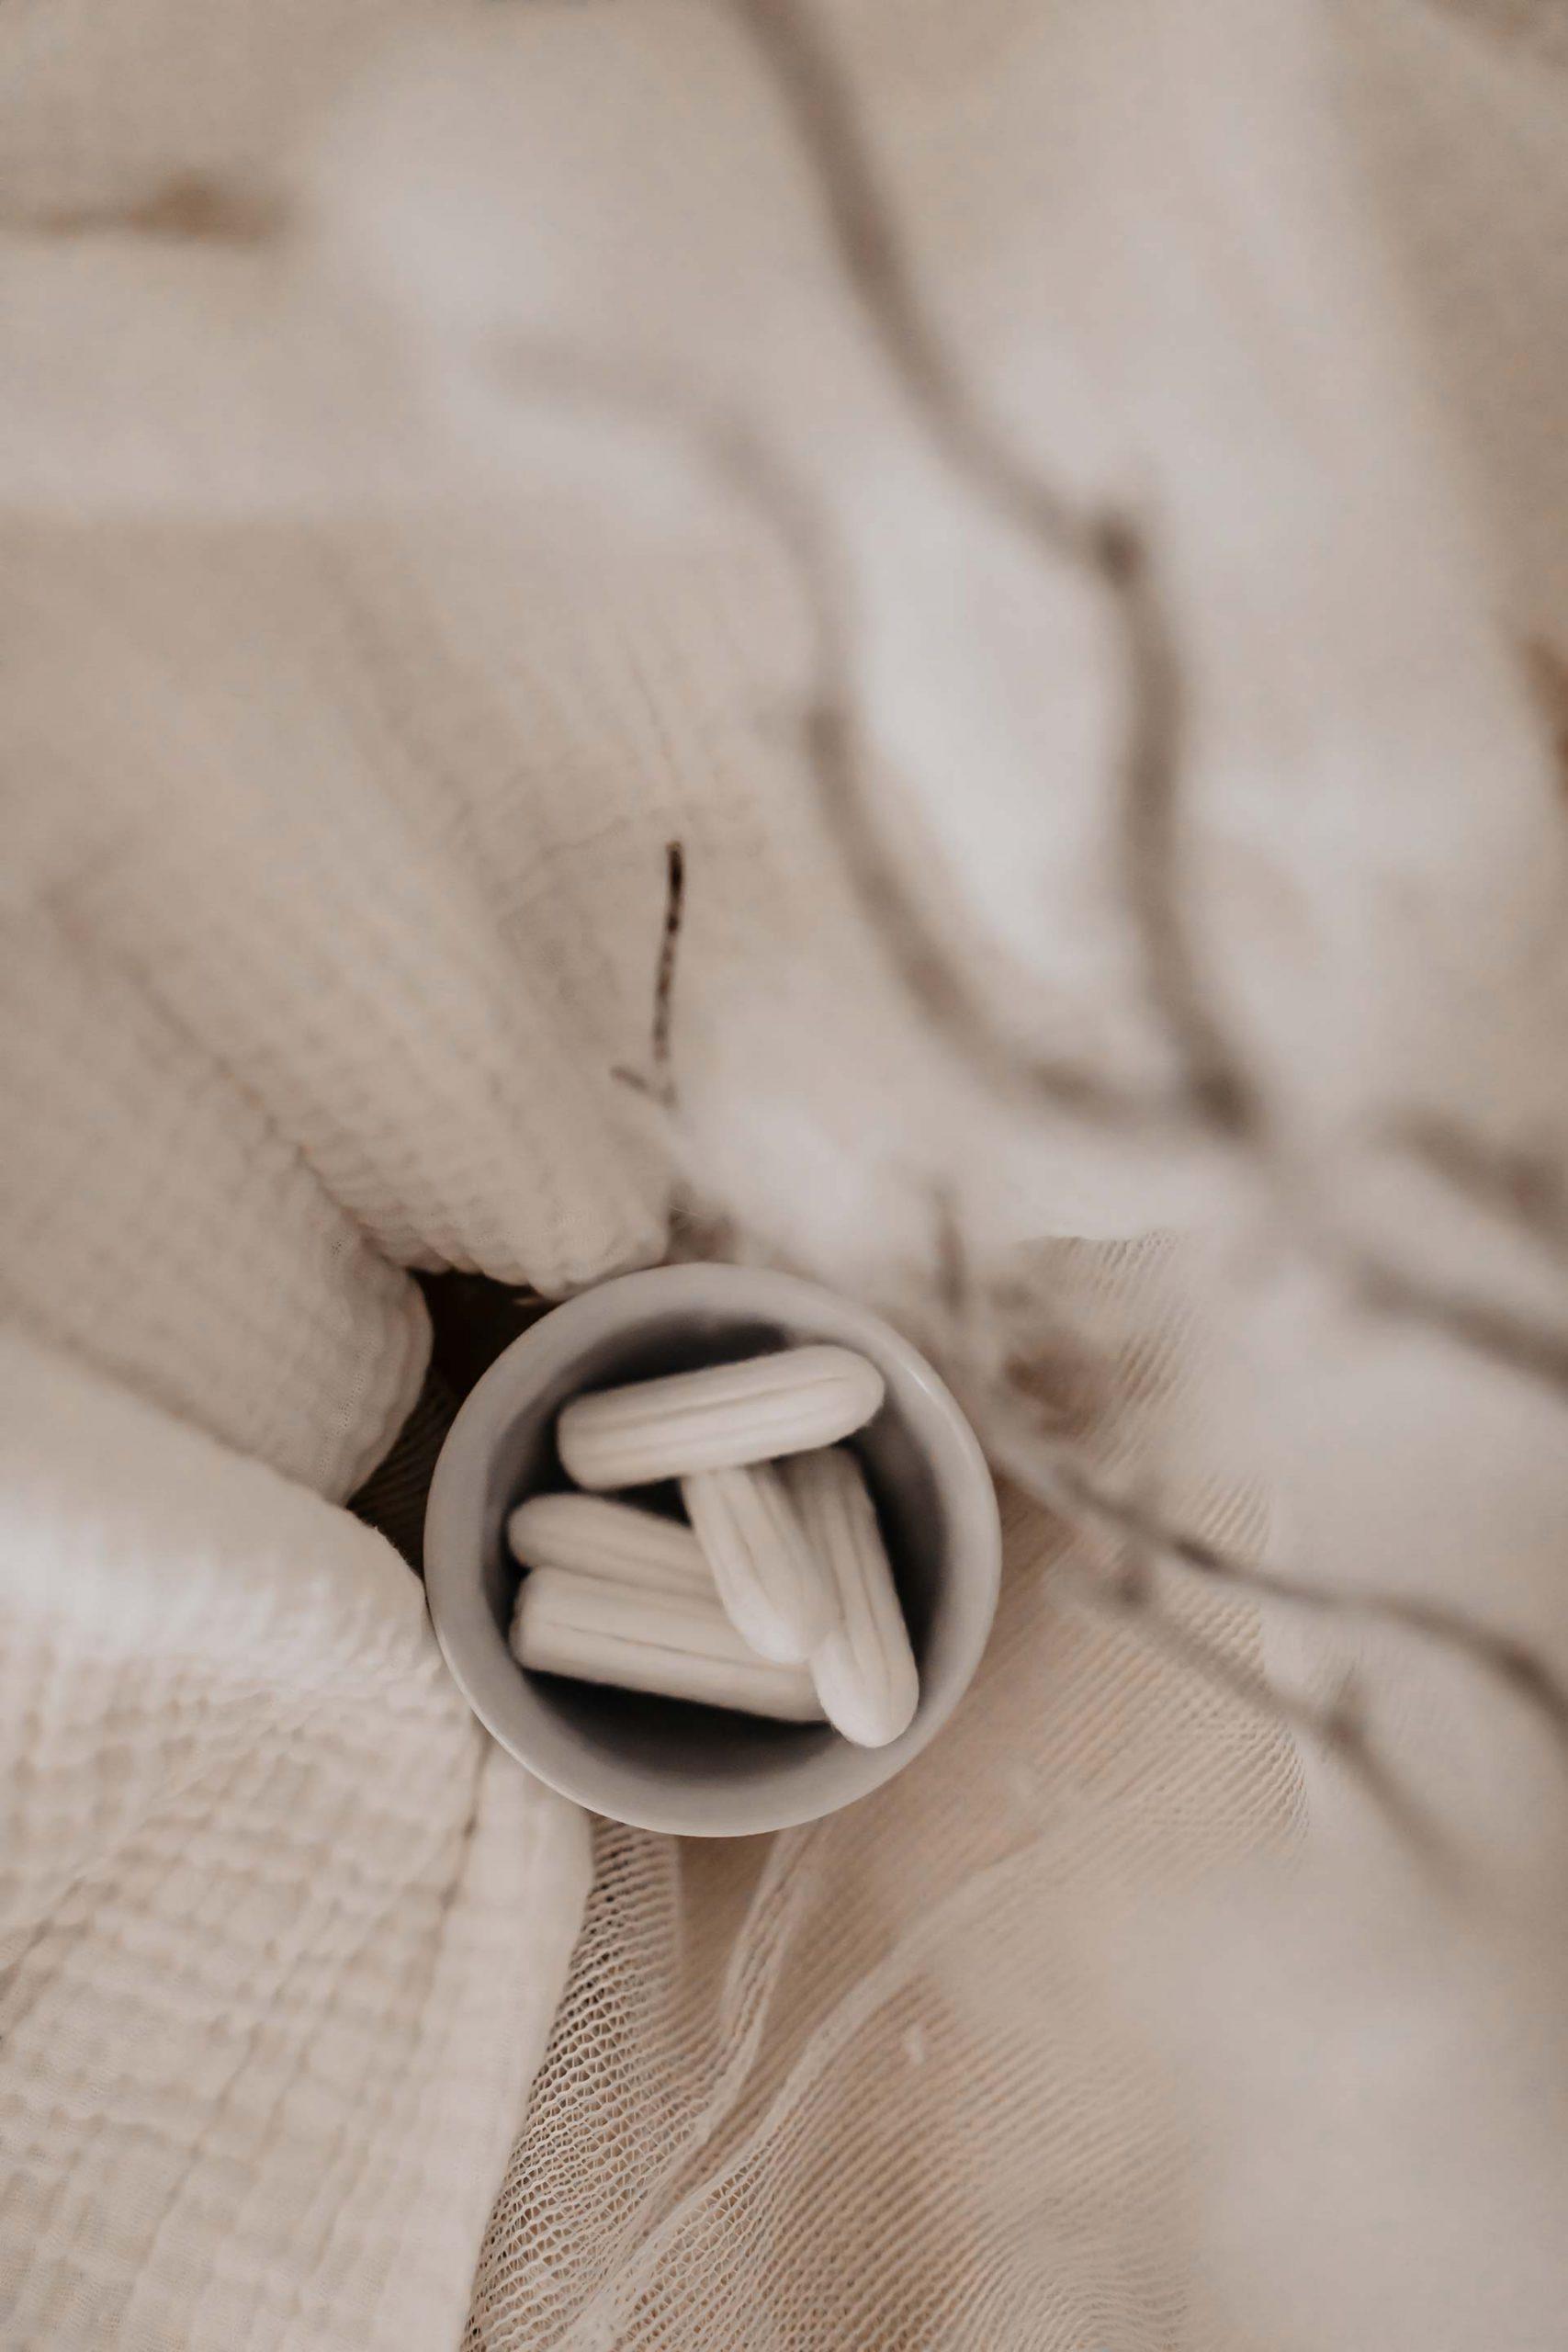 Anzeige. In der Regel besser: Bio-Baumwolle schätze ich nicht nur an T-Shirts, sondern auch in Sachen natürliche Frauenhygiene. Und genau darum geht es heute am Blog whoismocca.com